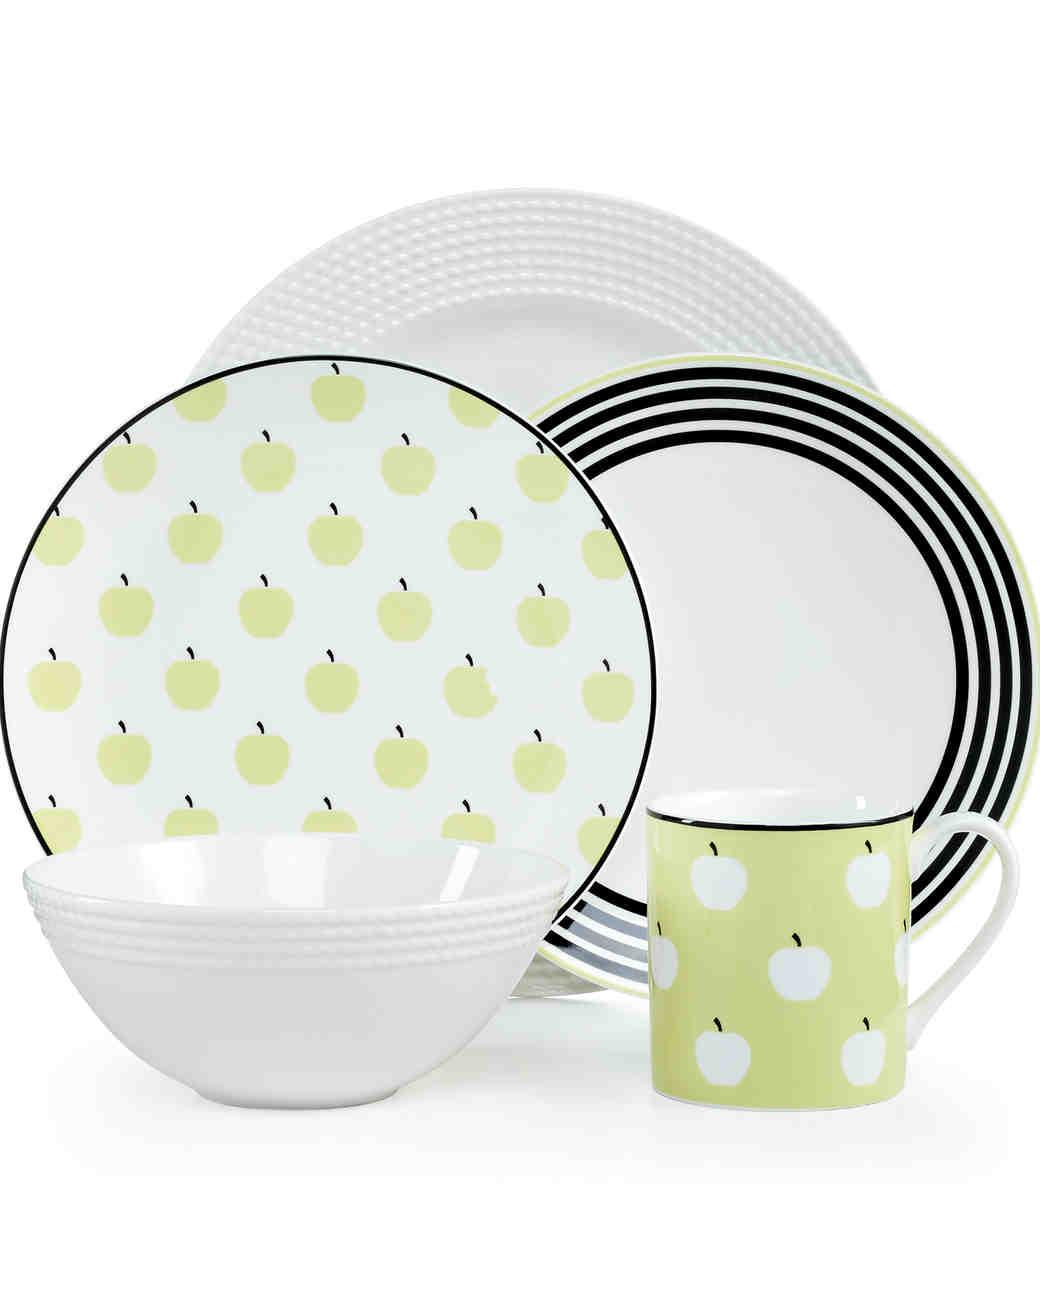 macys-registry-1-ksny-wickford-dinnerware-collection-2238552-0115.jpg